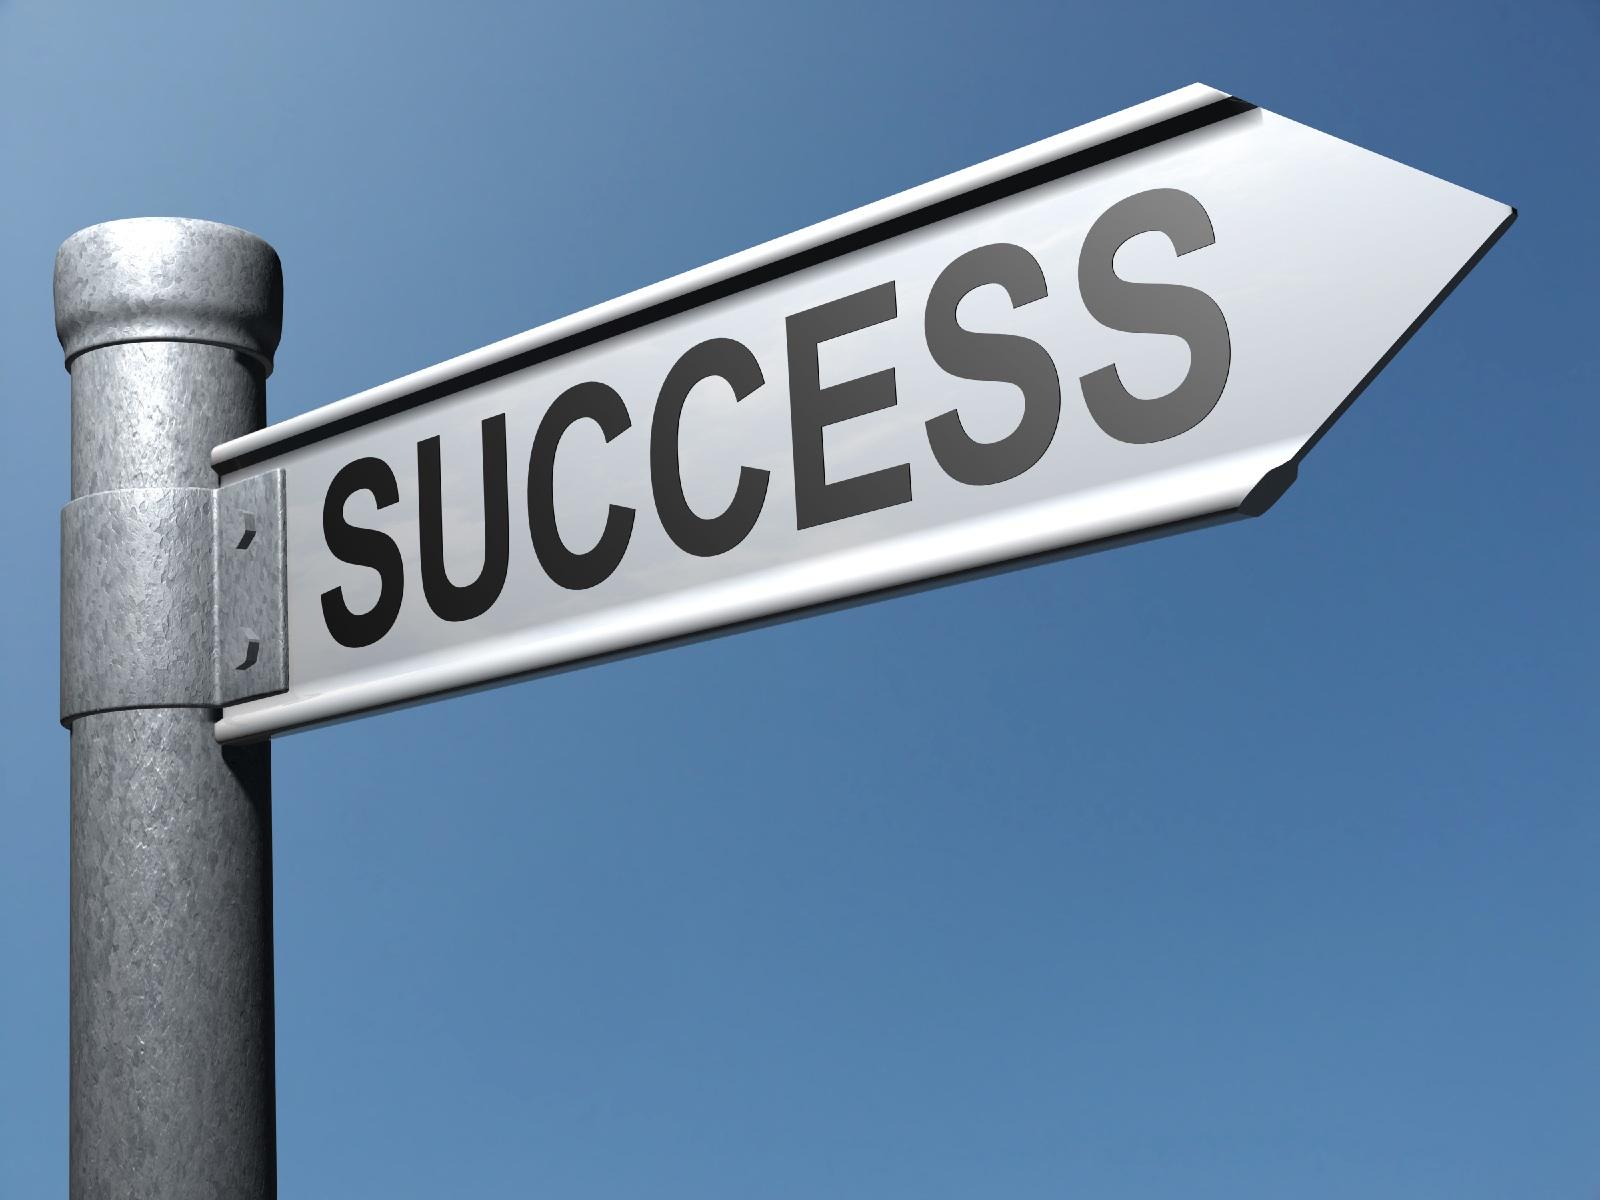 Μάθετε το μυστικό επιτυχίας των επιχειρήσεων που βγάζουν χρήματα και στην κρίση!